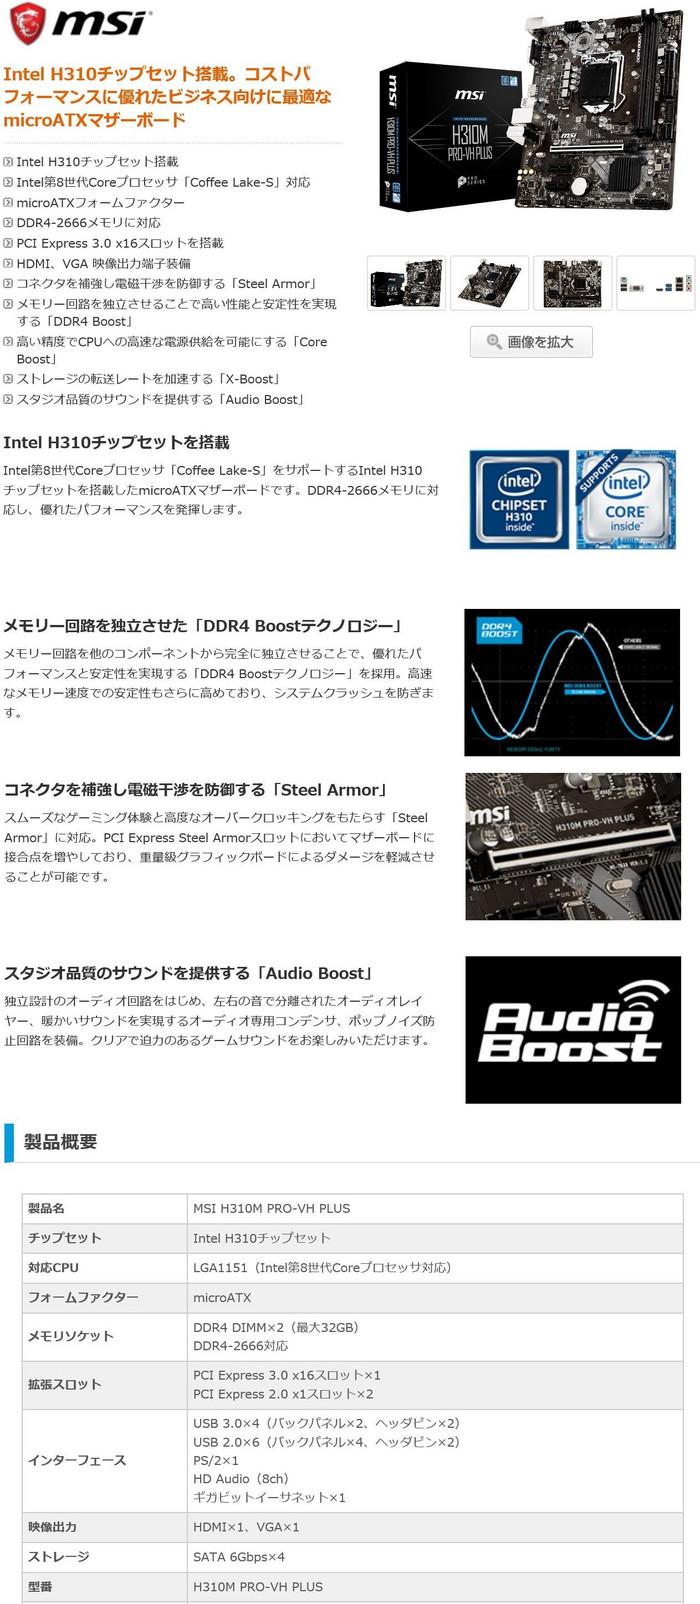 Kansei_6